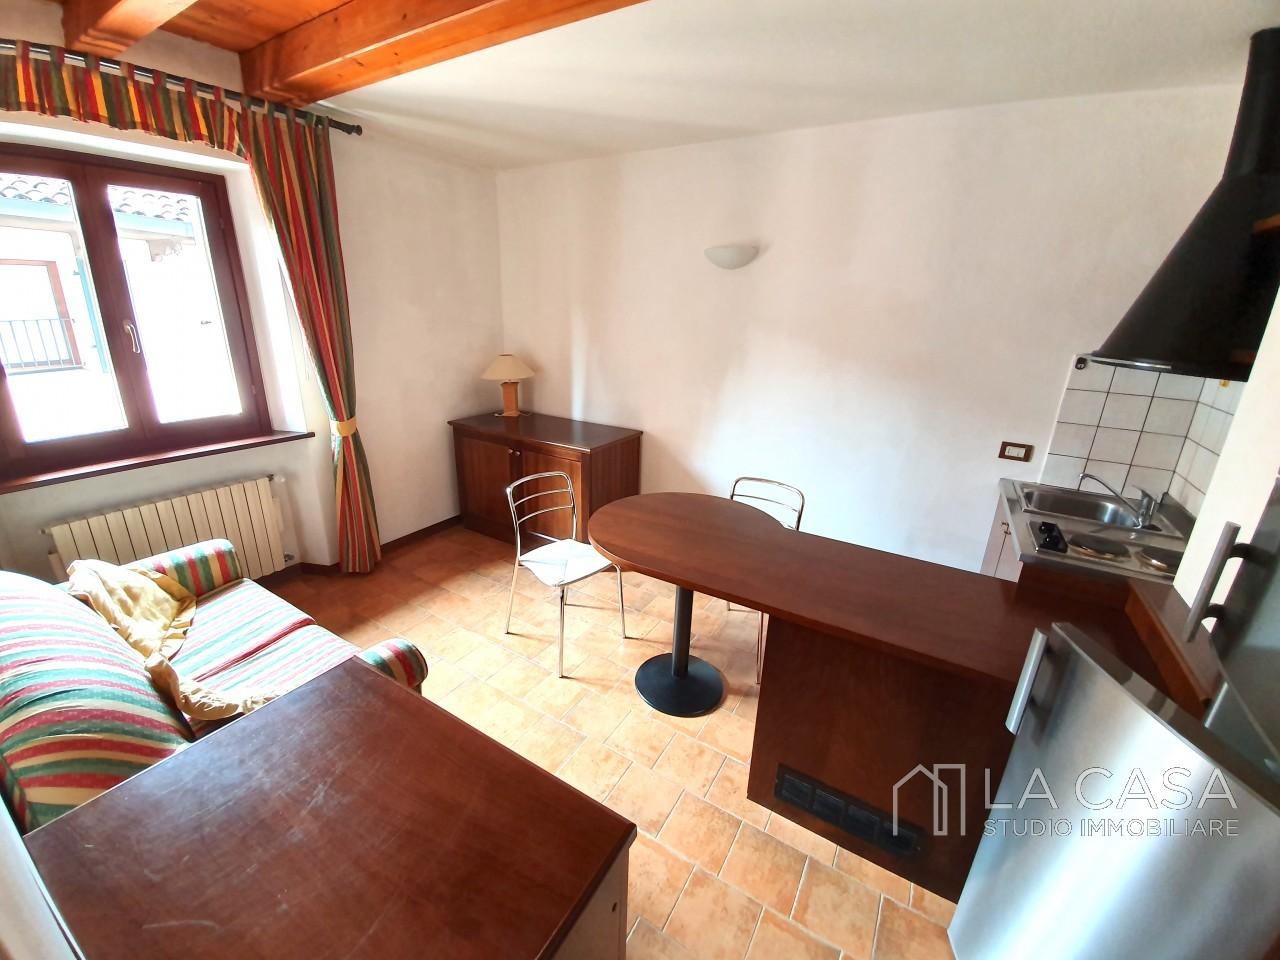 Appartamento in vendita in centro storico a Valvasone - Rif.A6 https://media.gestionaleimmobiliare.it/foto/annunci/190722/2035692/1280x1280/000__20190806_161601.jpg